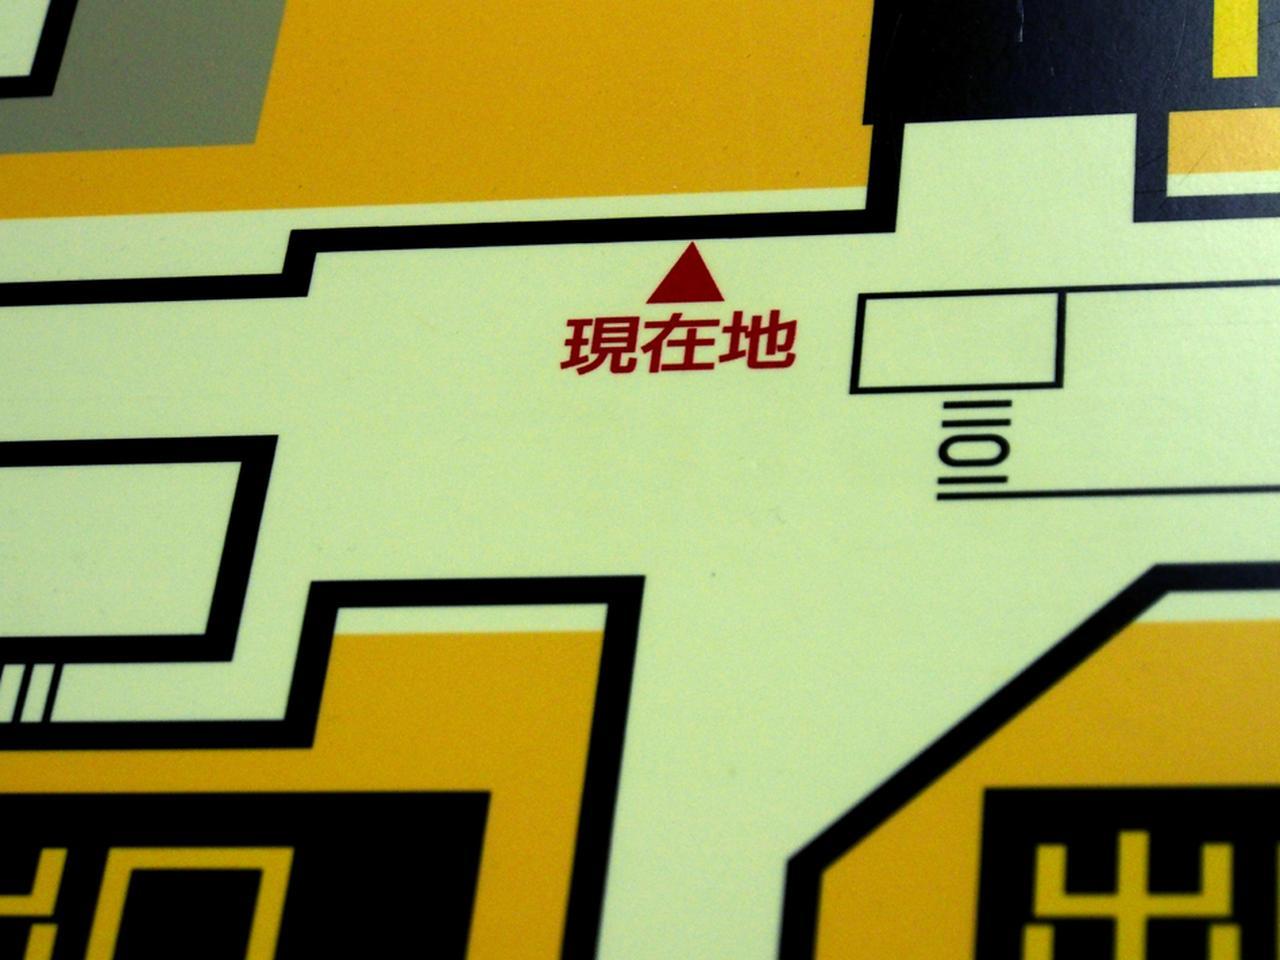 画像: C:これは何番出口の表示ですかぁ?(回答例:1番出口)